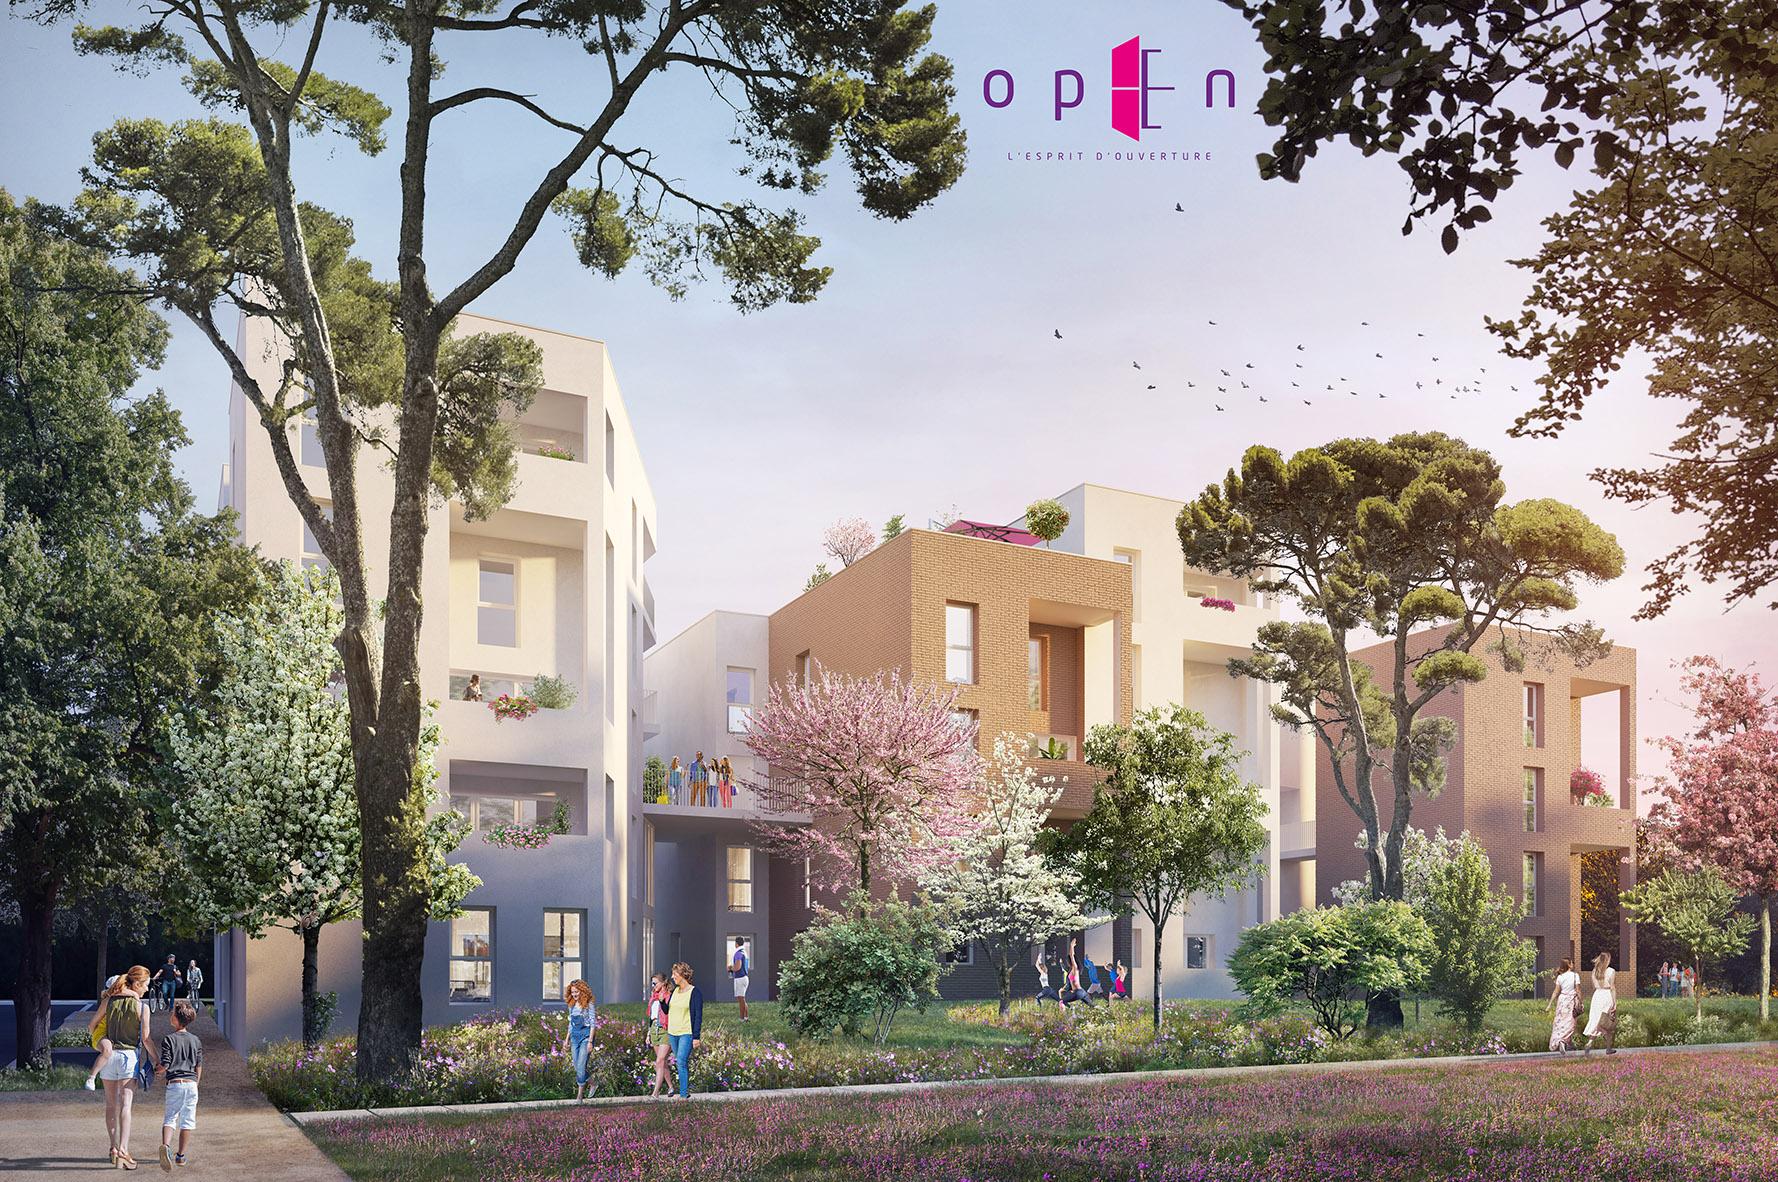 Programme immobilier SP13 appartement à Rillieux-la-Pape (69140) Architecture contemporaine